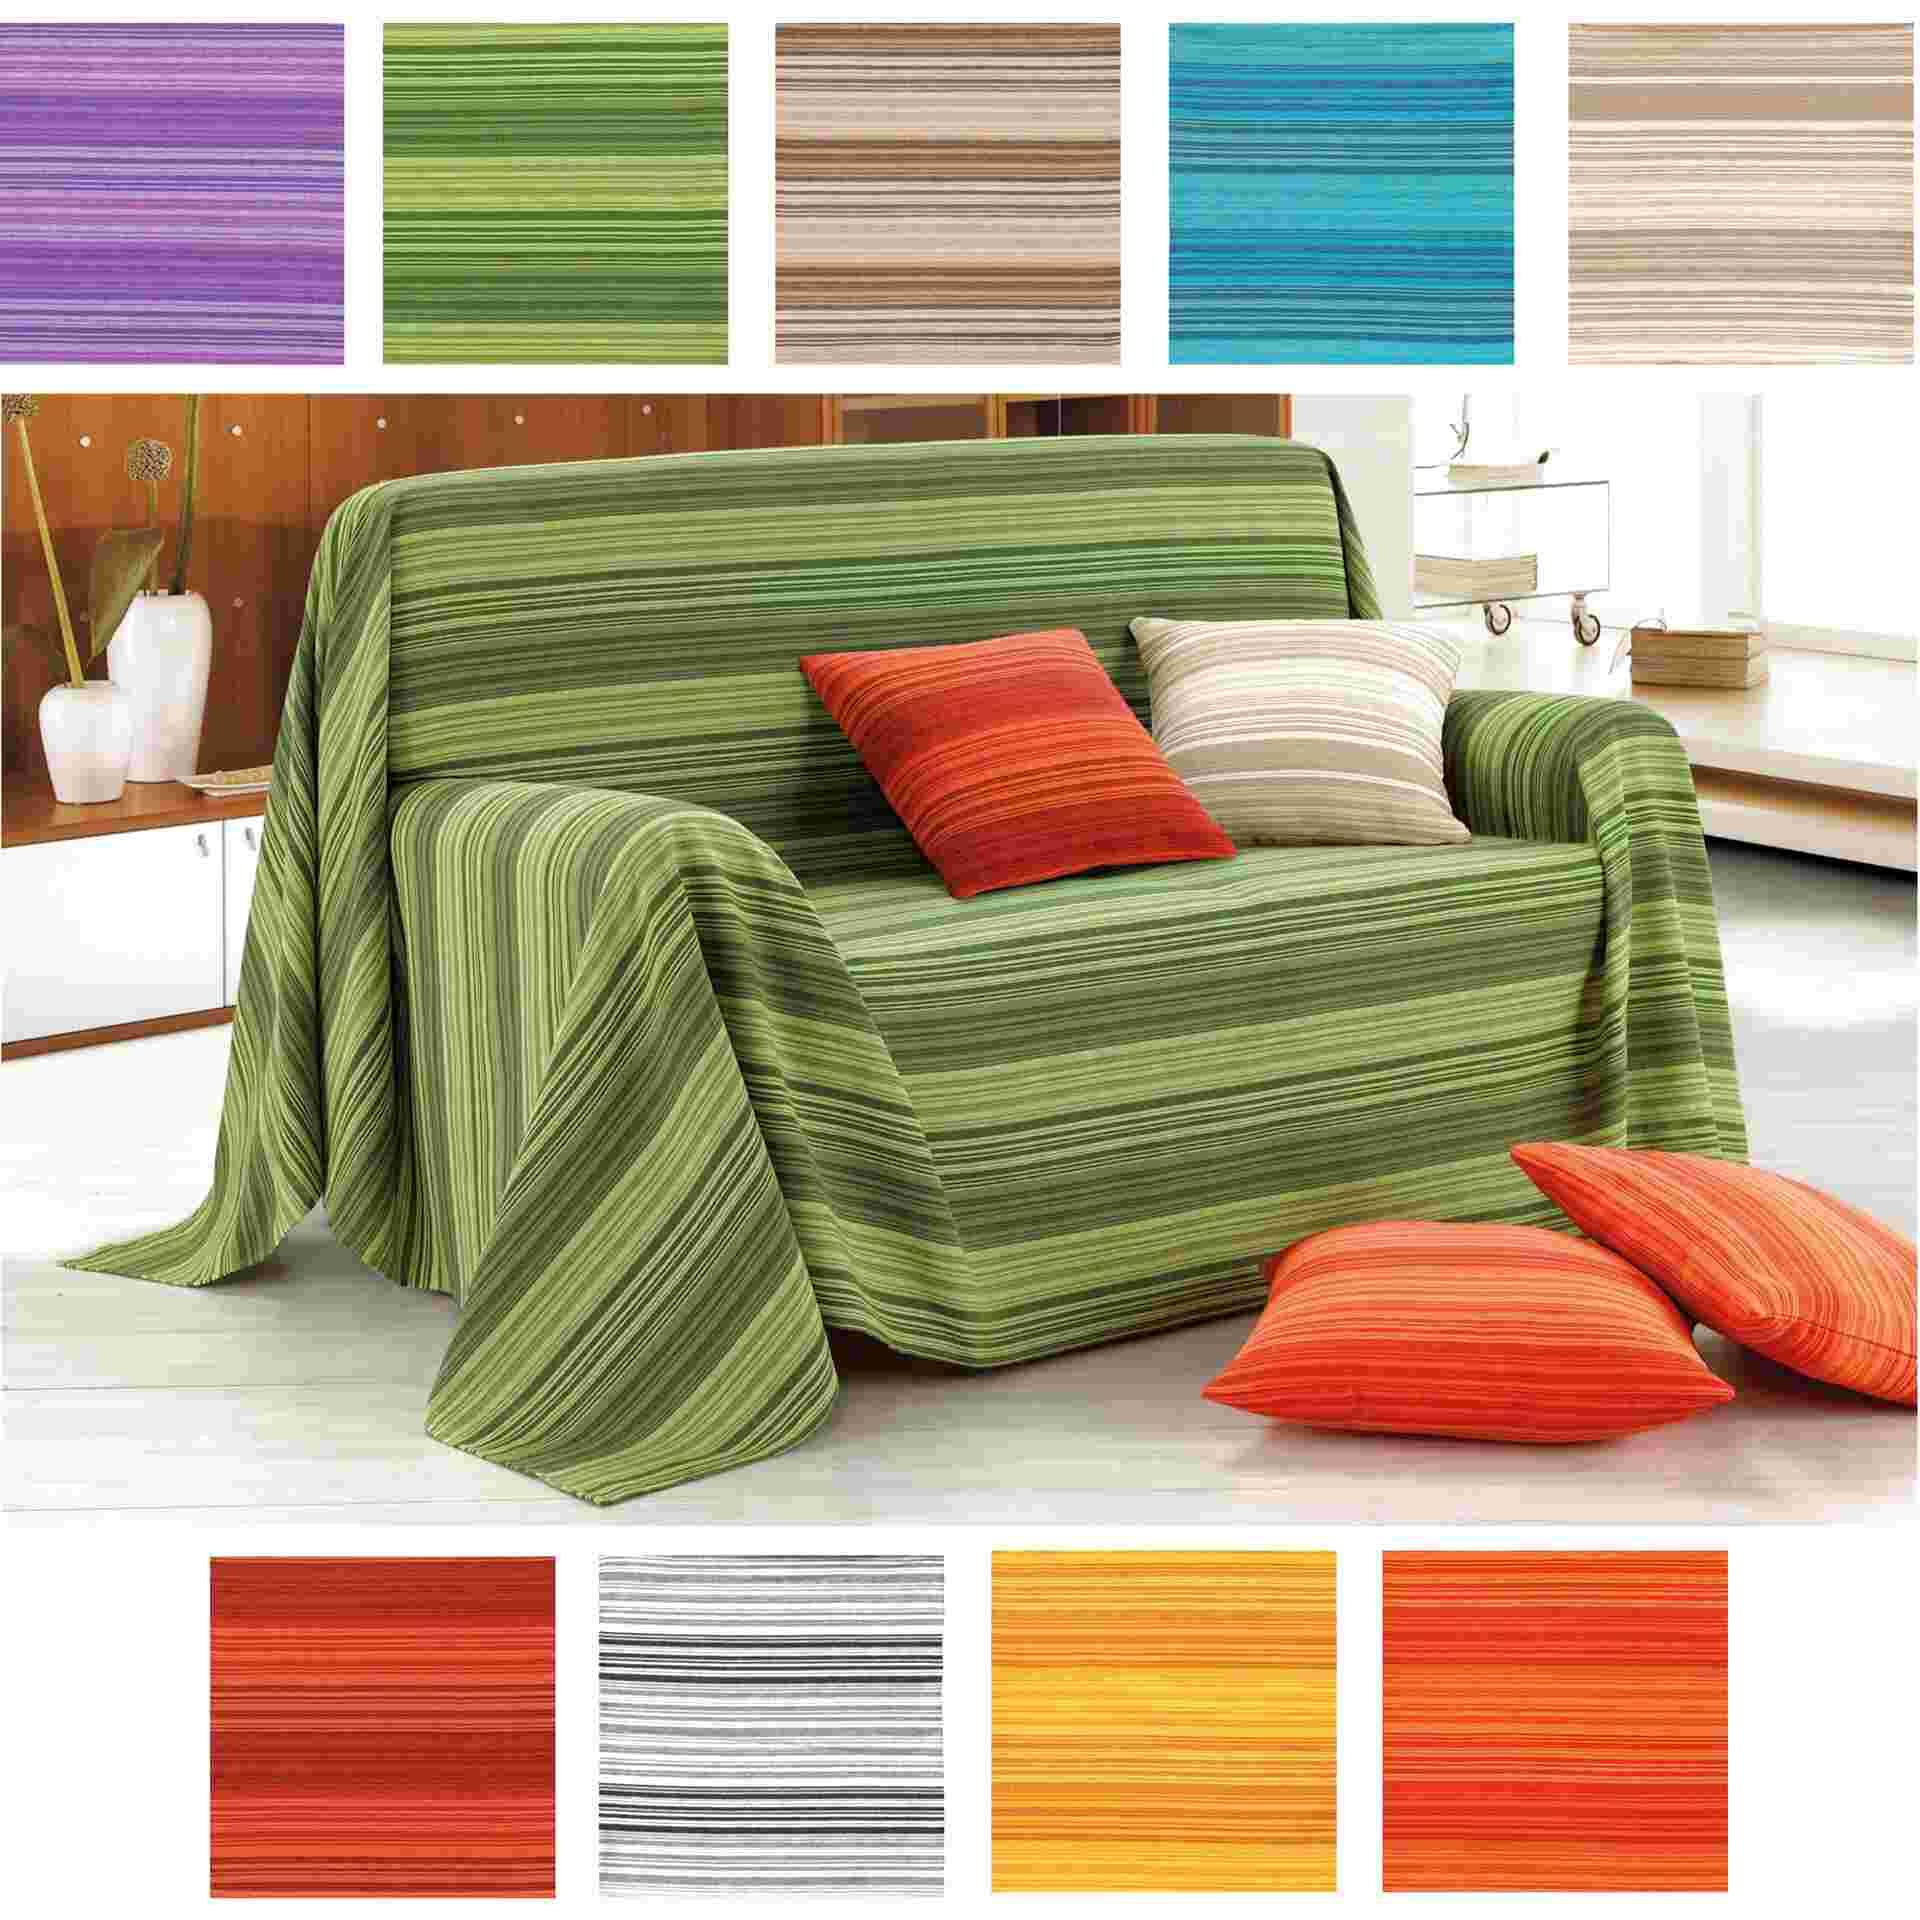 Futon ikea usato in italia vedi tutte i 22 prezzi for Ikea usato milano